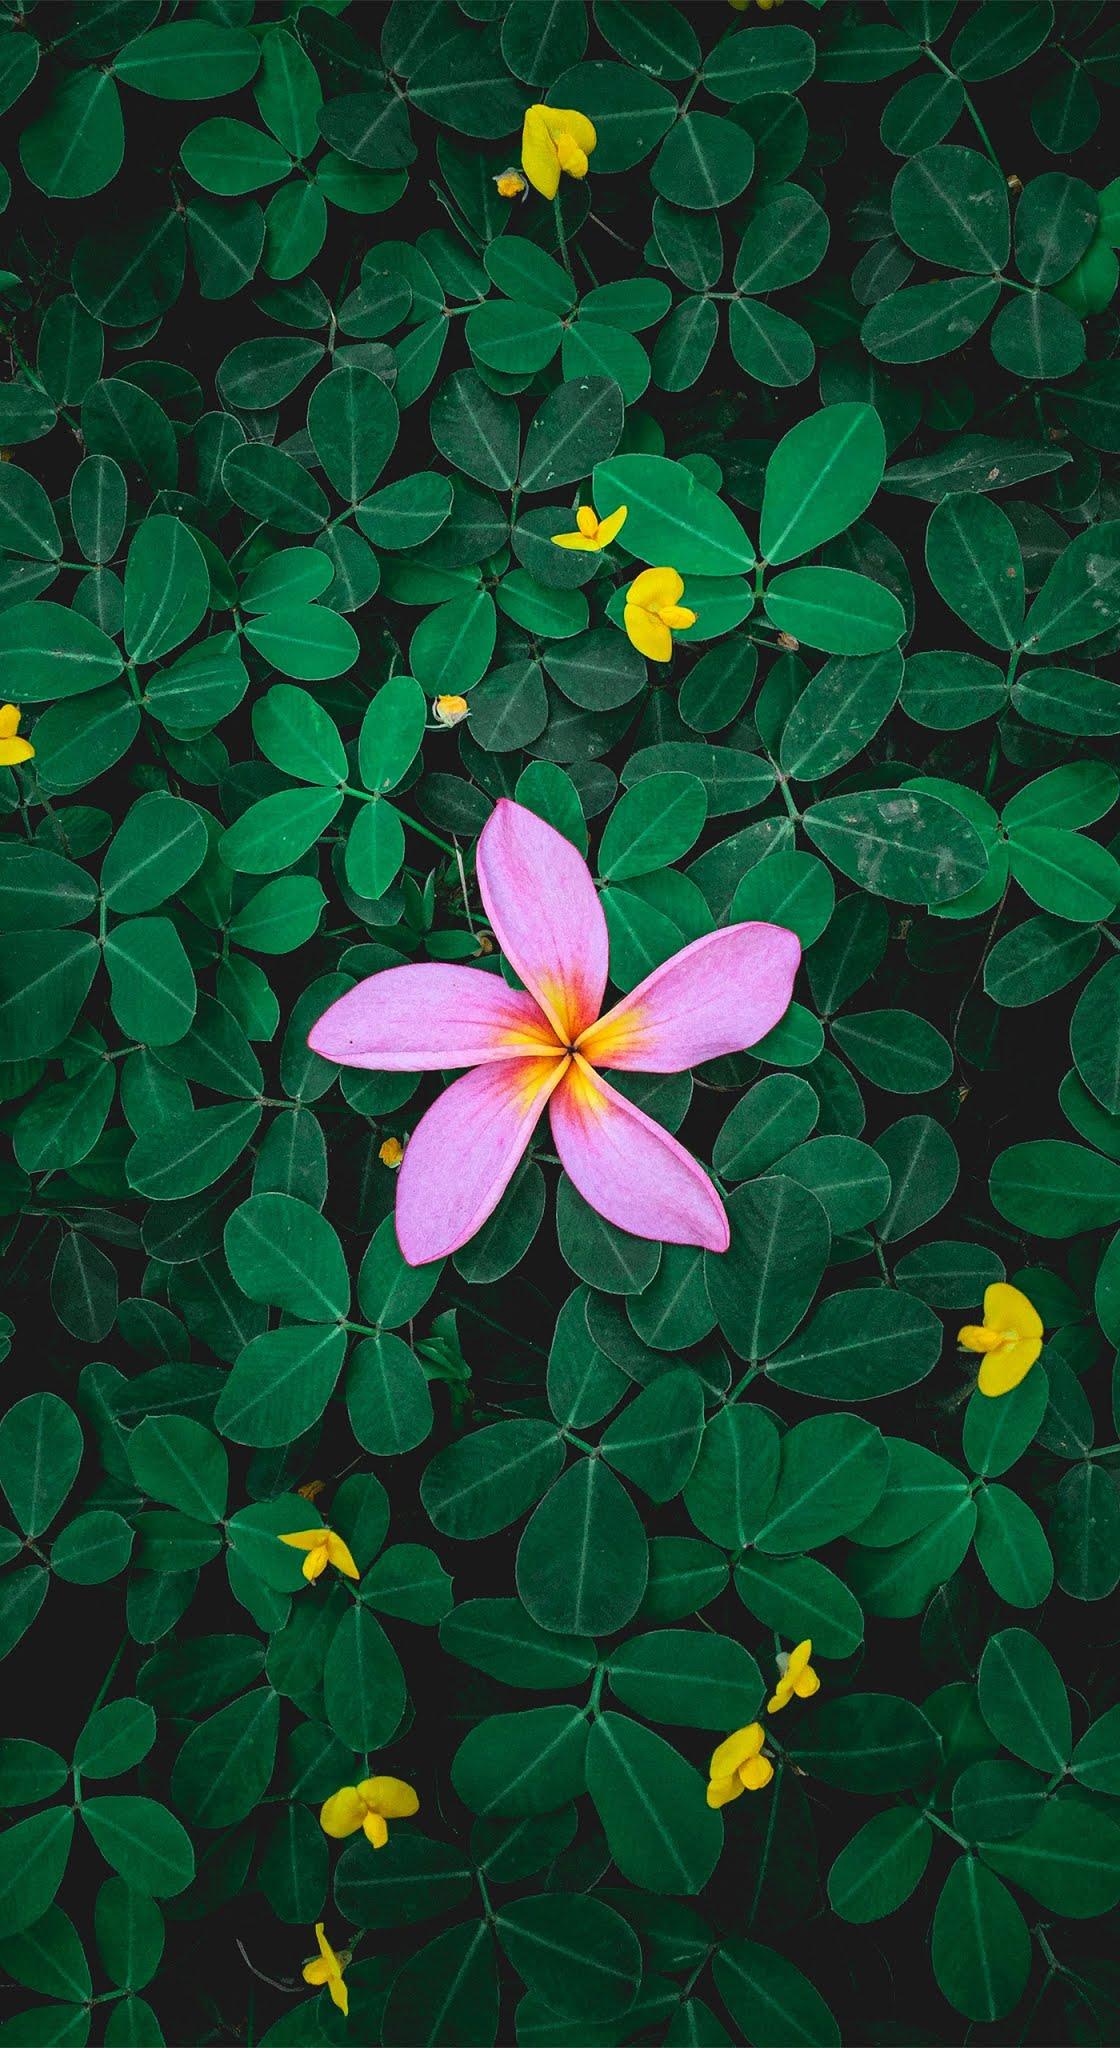 Ambiance beautiful flower